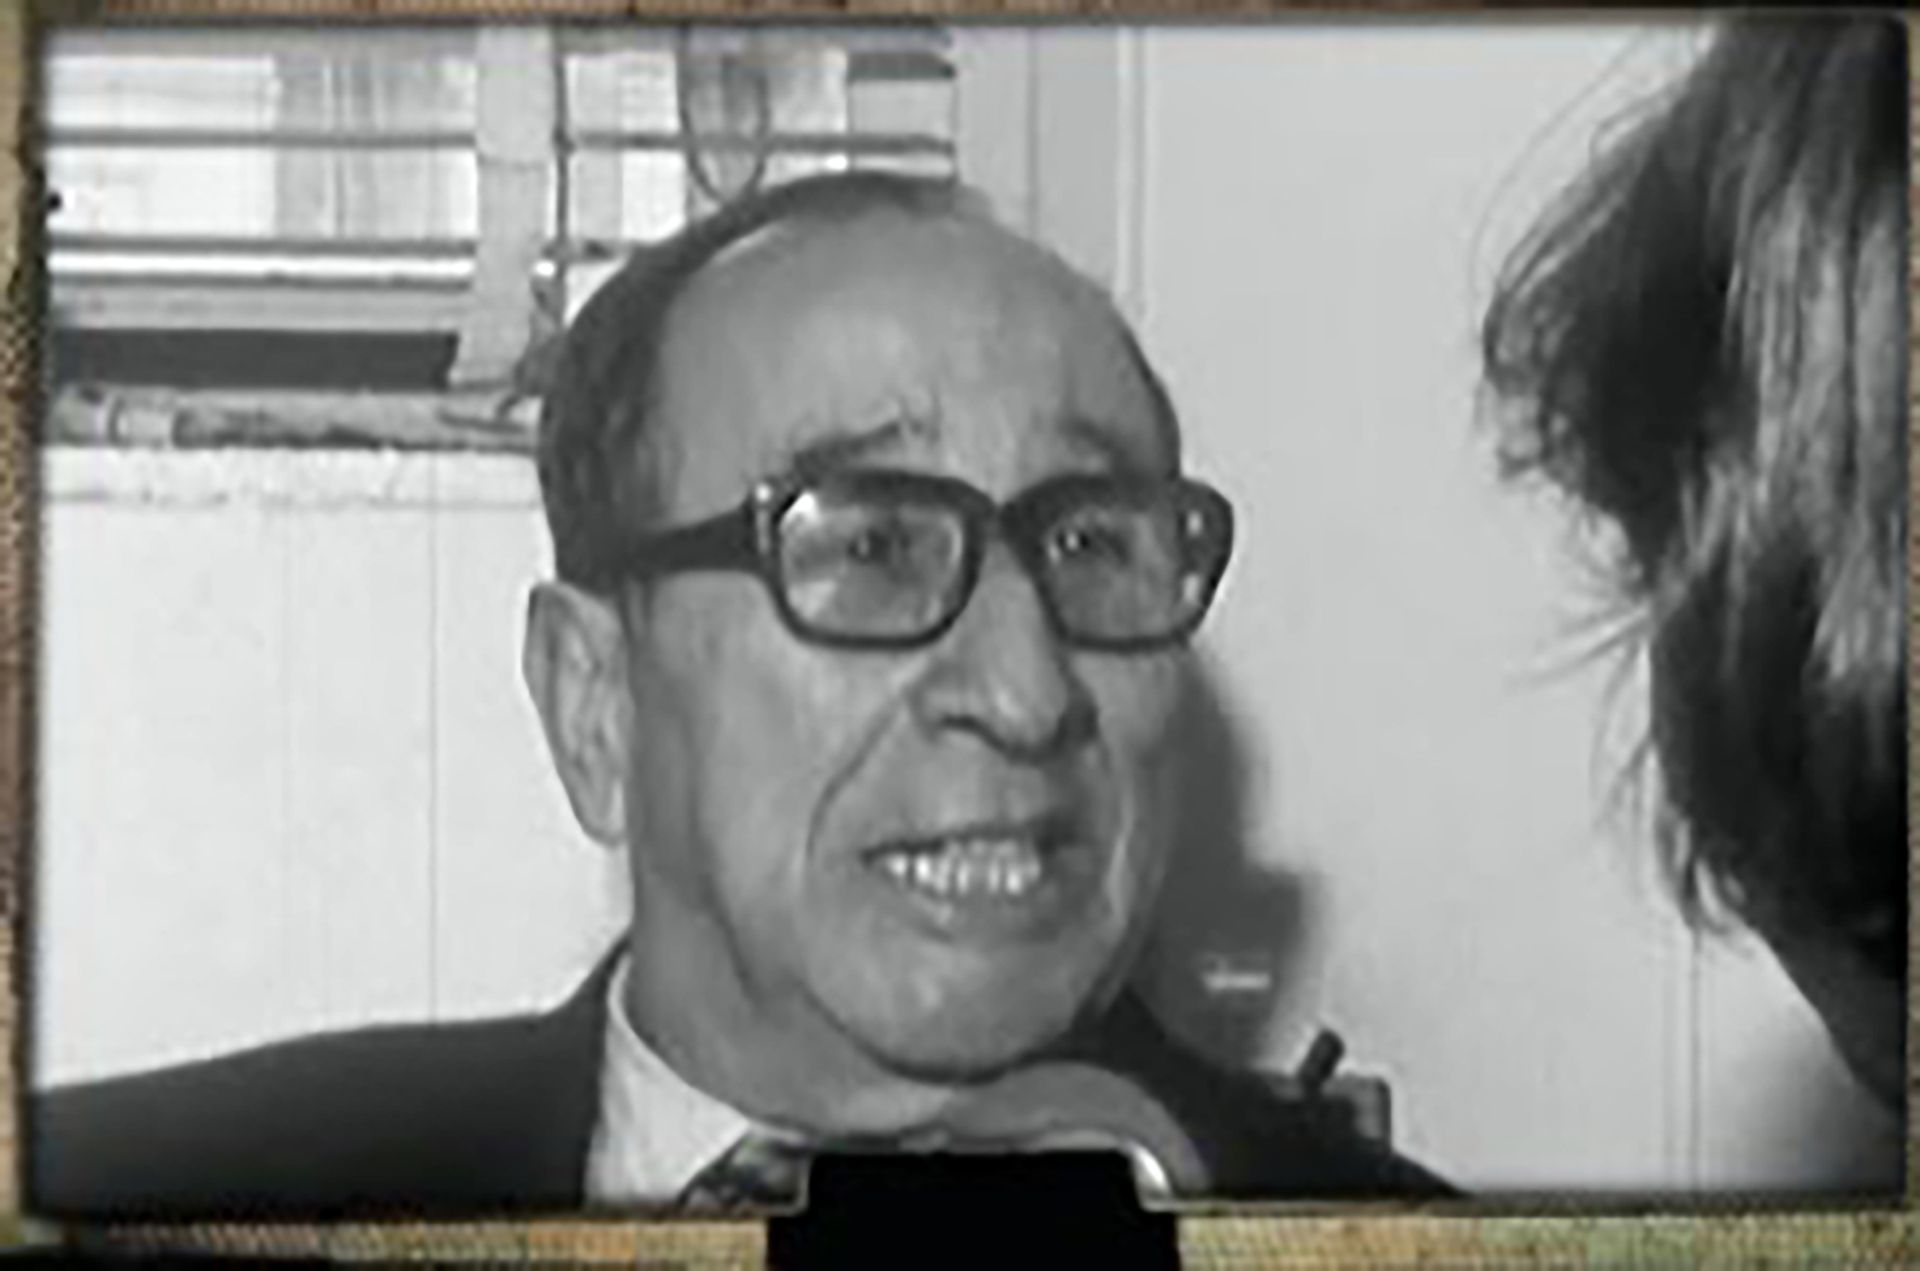 Miguel Paulino Tato, al frente del Ente de Calificación Cinematográfica (ocupó ese cargo desde 1974 hasta 1980: uno de los pocos funcionarios del gobierno peronista que continuó con el Proceso), se encargaba de decir qué se podía ver y qué no. Pero ese no era el único filtro